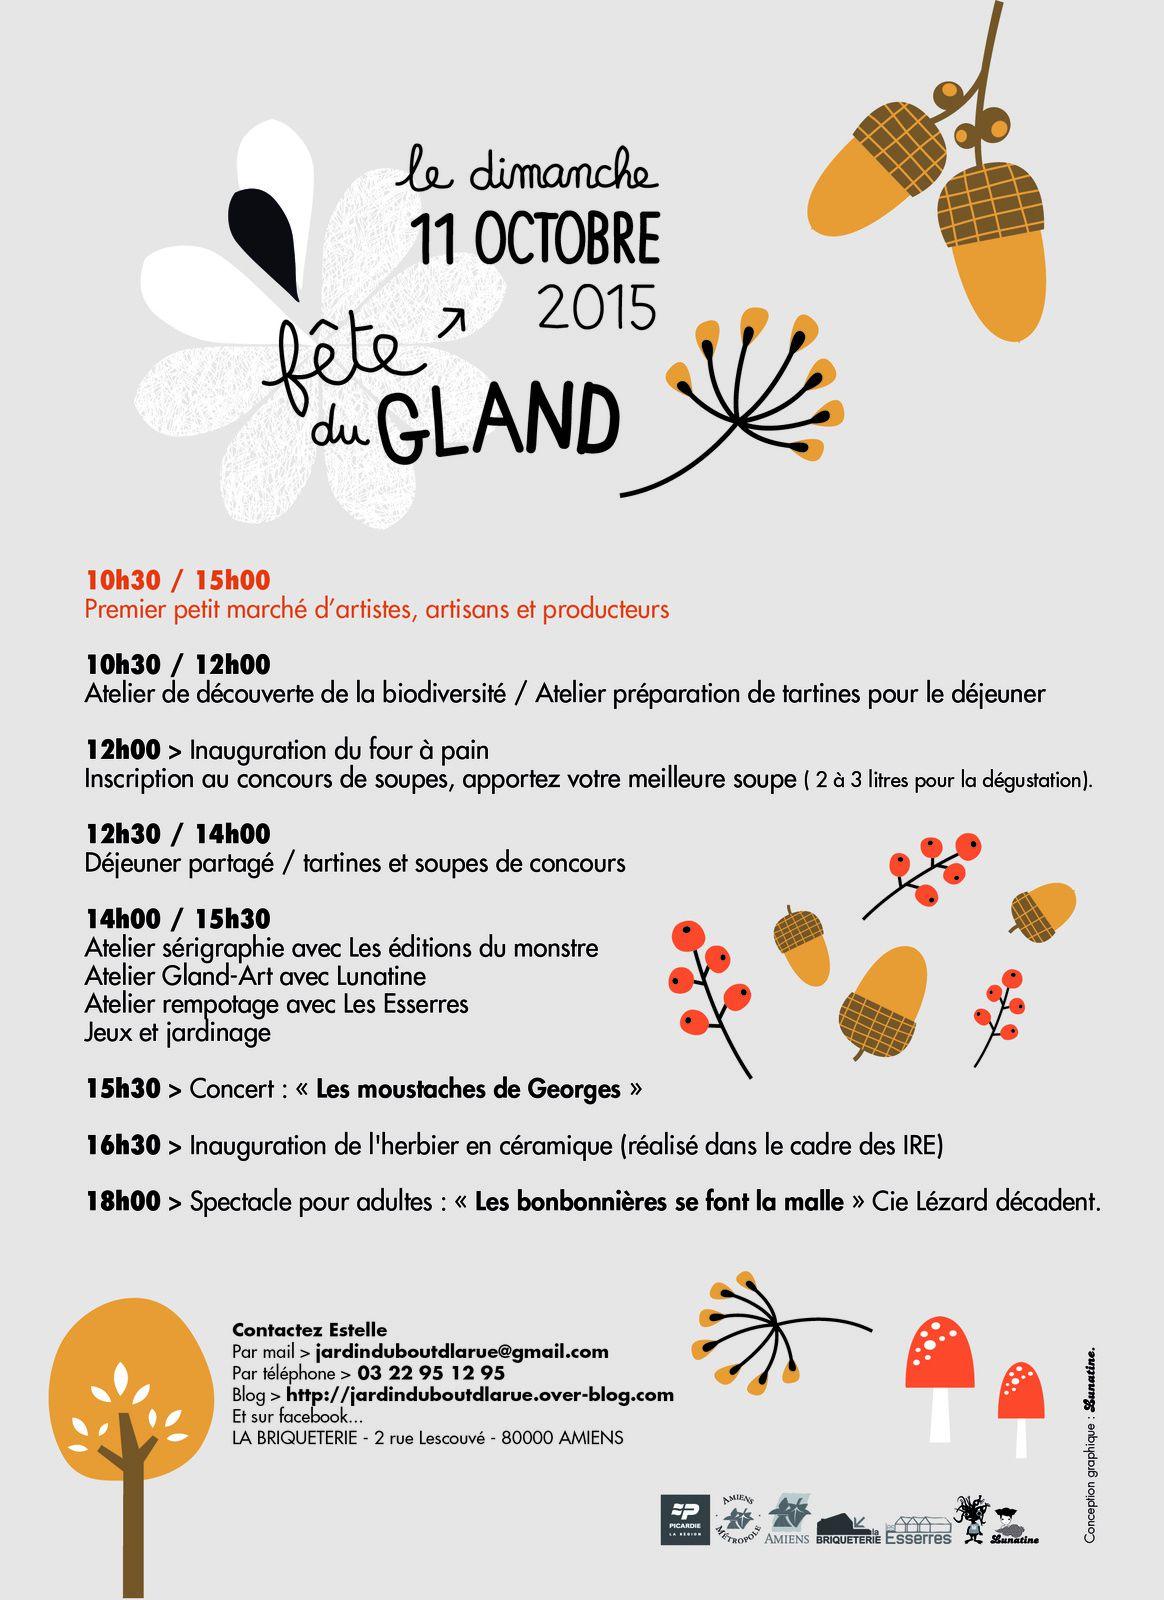 Week end événement les 10 et 11 octobre: RE-MUE et fête du gland